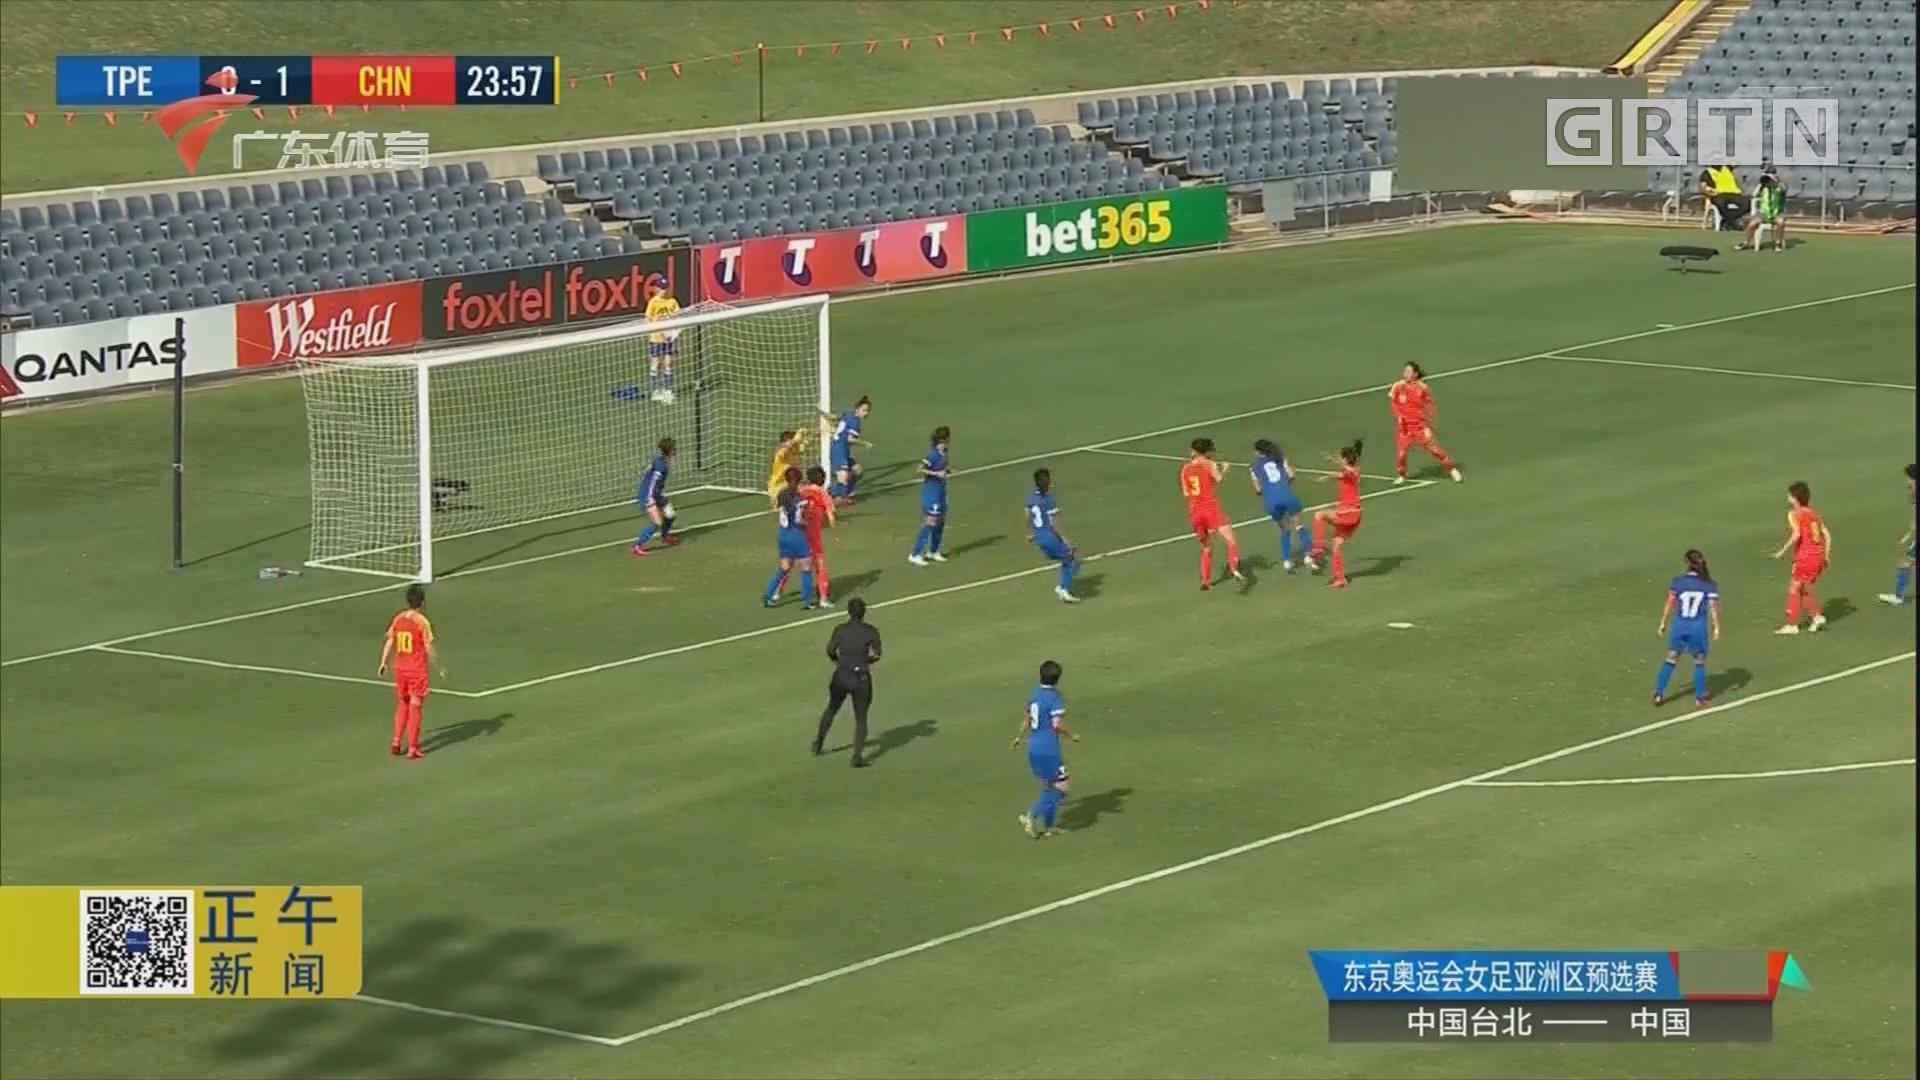 中国女足大胜锁定奥运资格